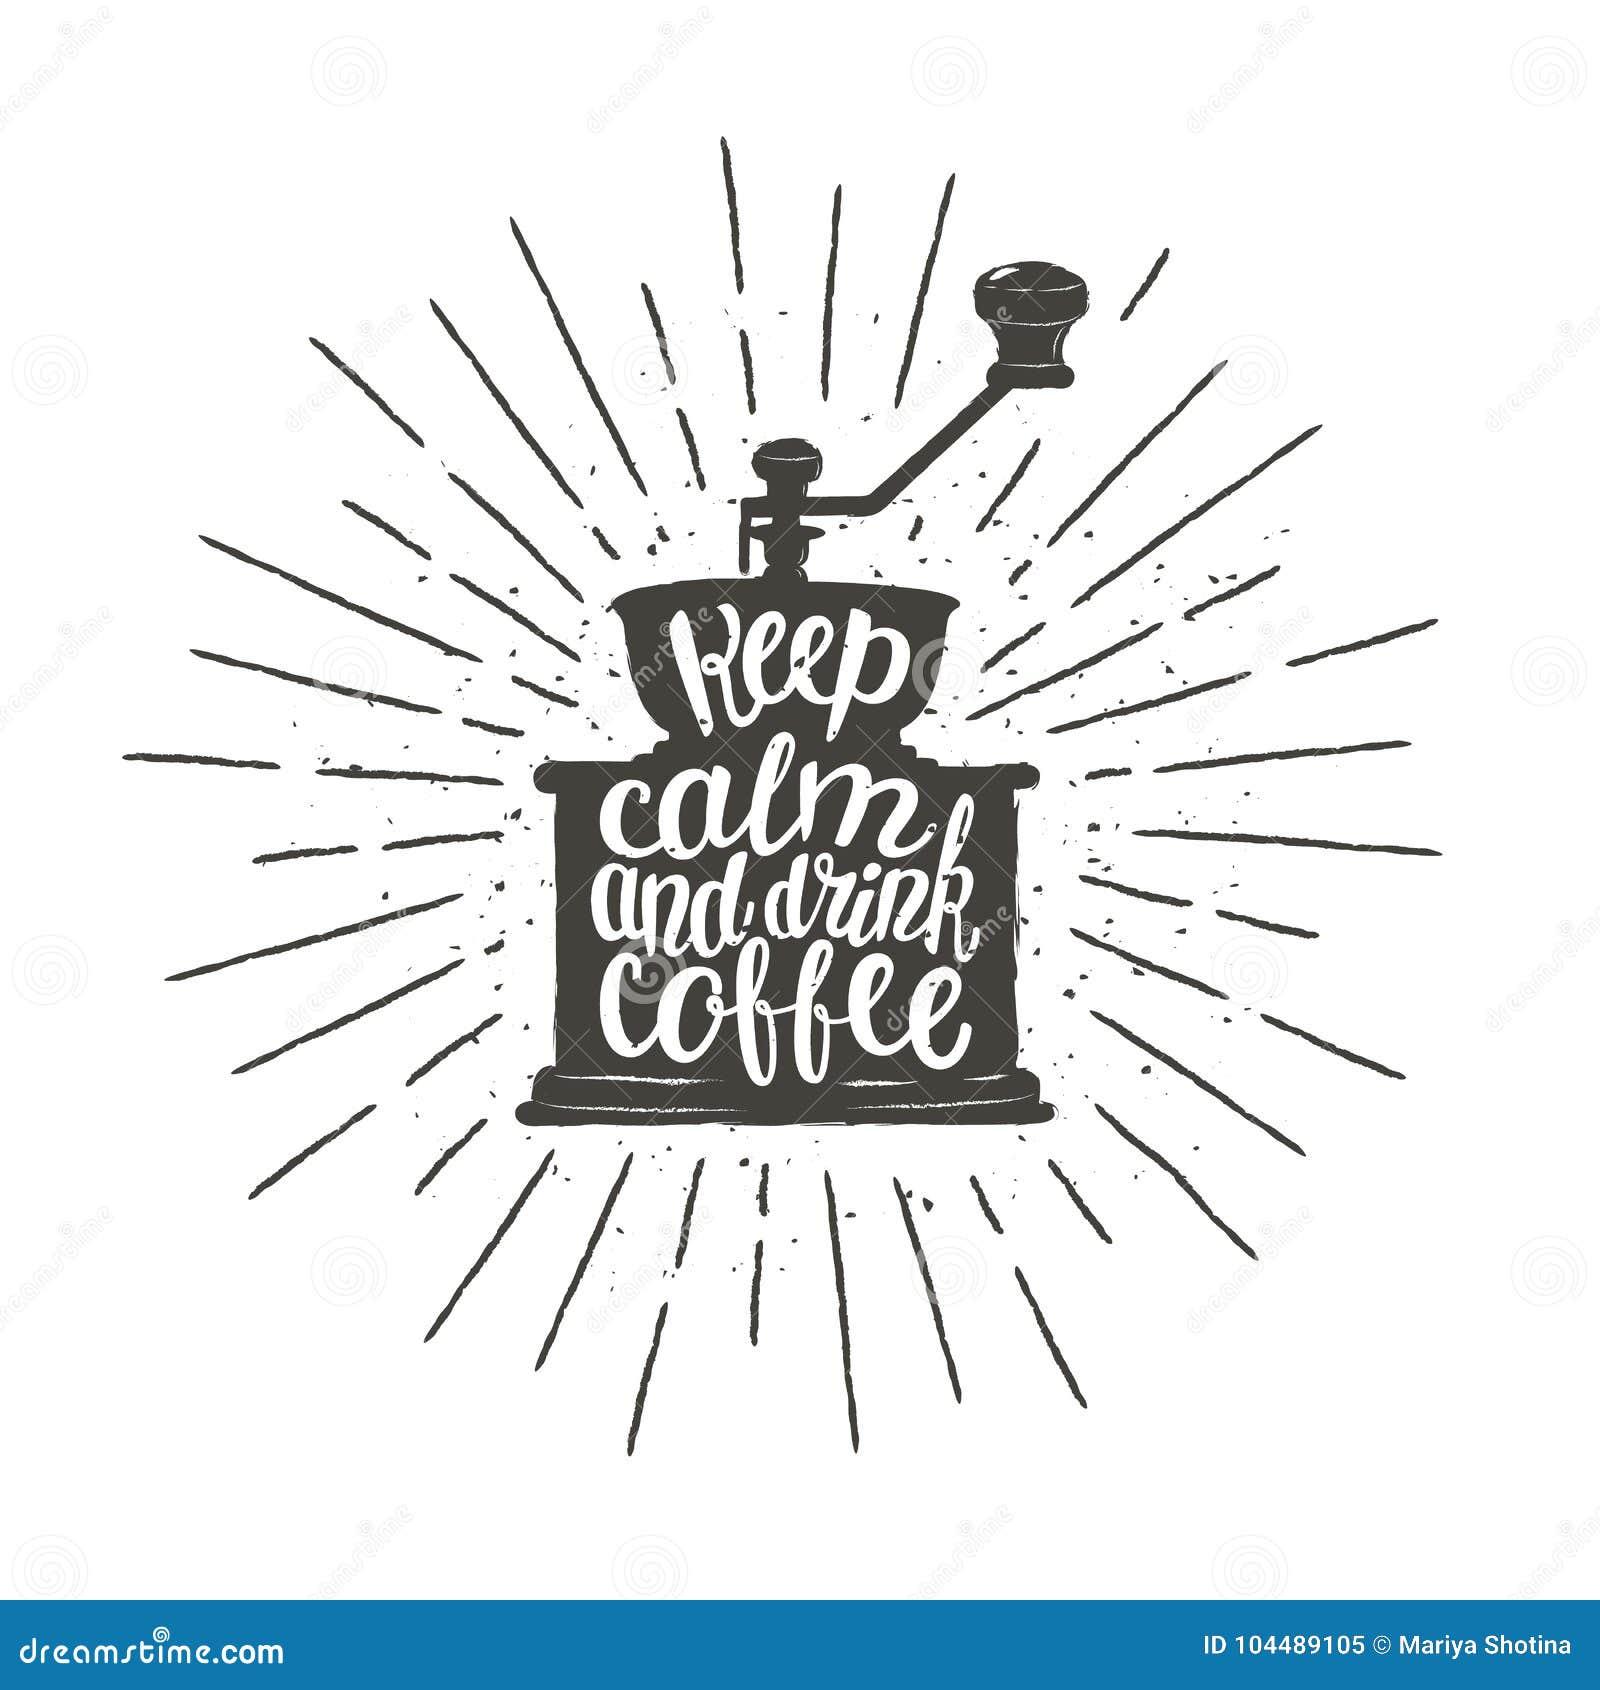 15 Best Vintage Coffee Labels/Advertising images | Vintage ...  |Coffee Grinders Antique Label